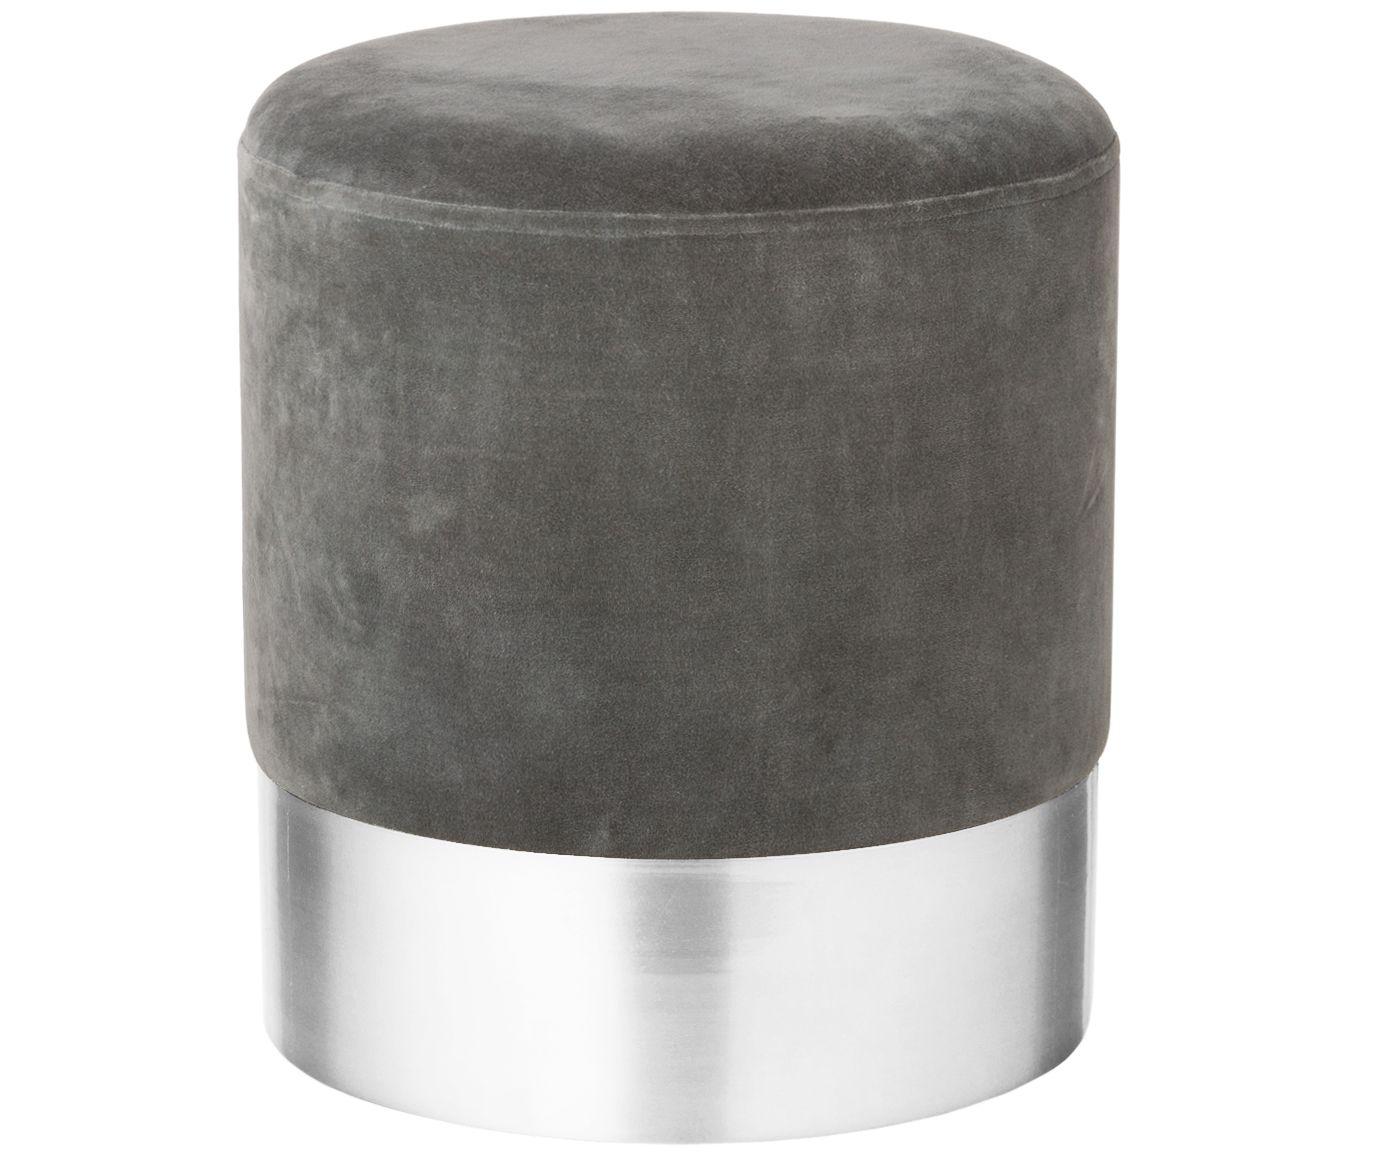 Samt Hocker Harlow In Grau Silber Westwingnow Hocker Sitzhocker Wolle Kaufen